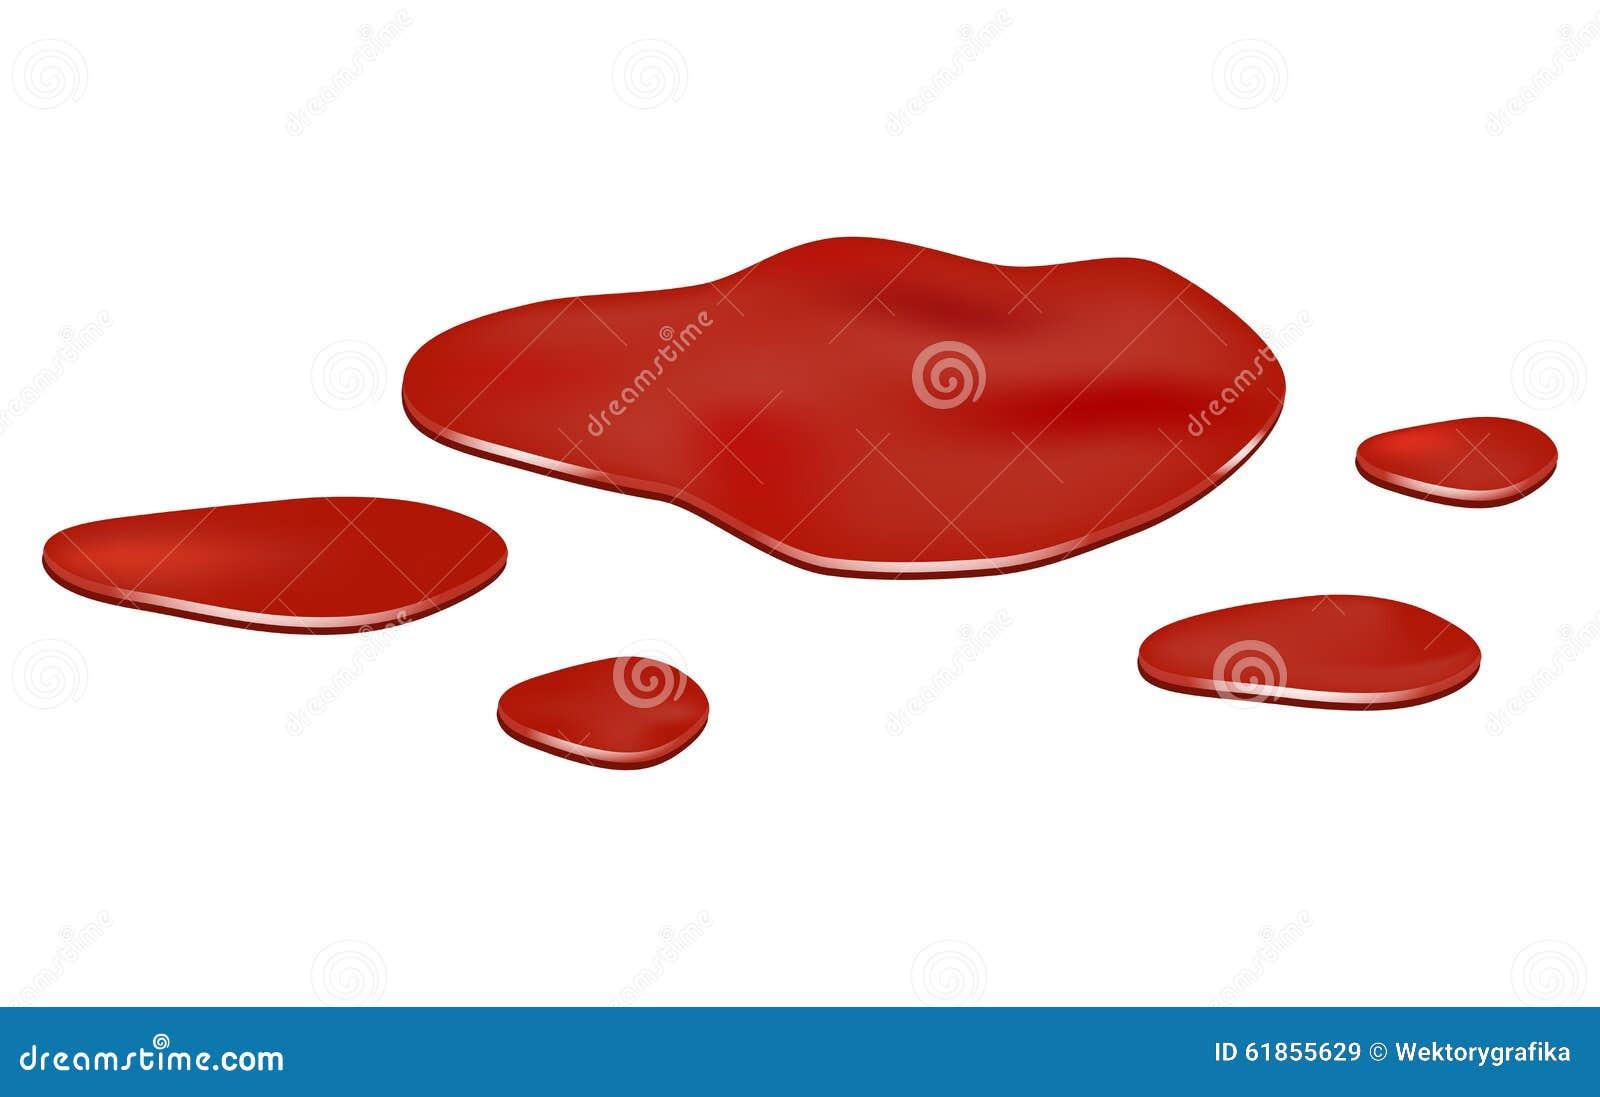 tache de sang sur matelas great citron tache sang. Black Bedroom Furniture Sets. Home Design Ideas